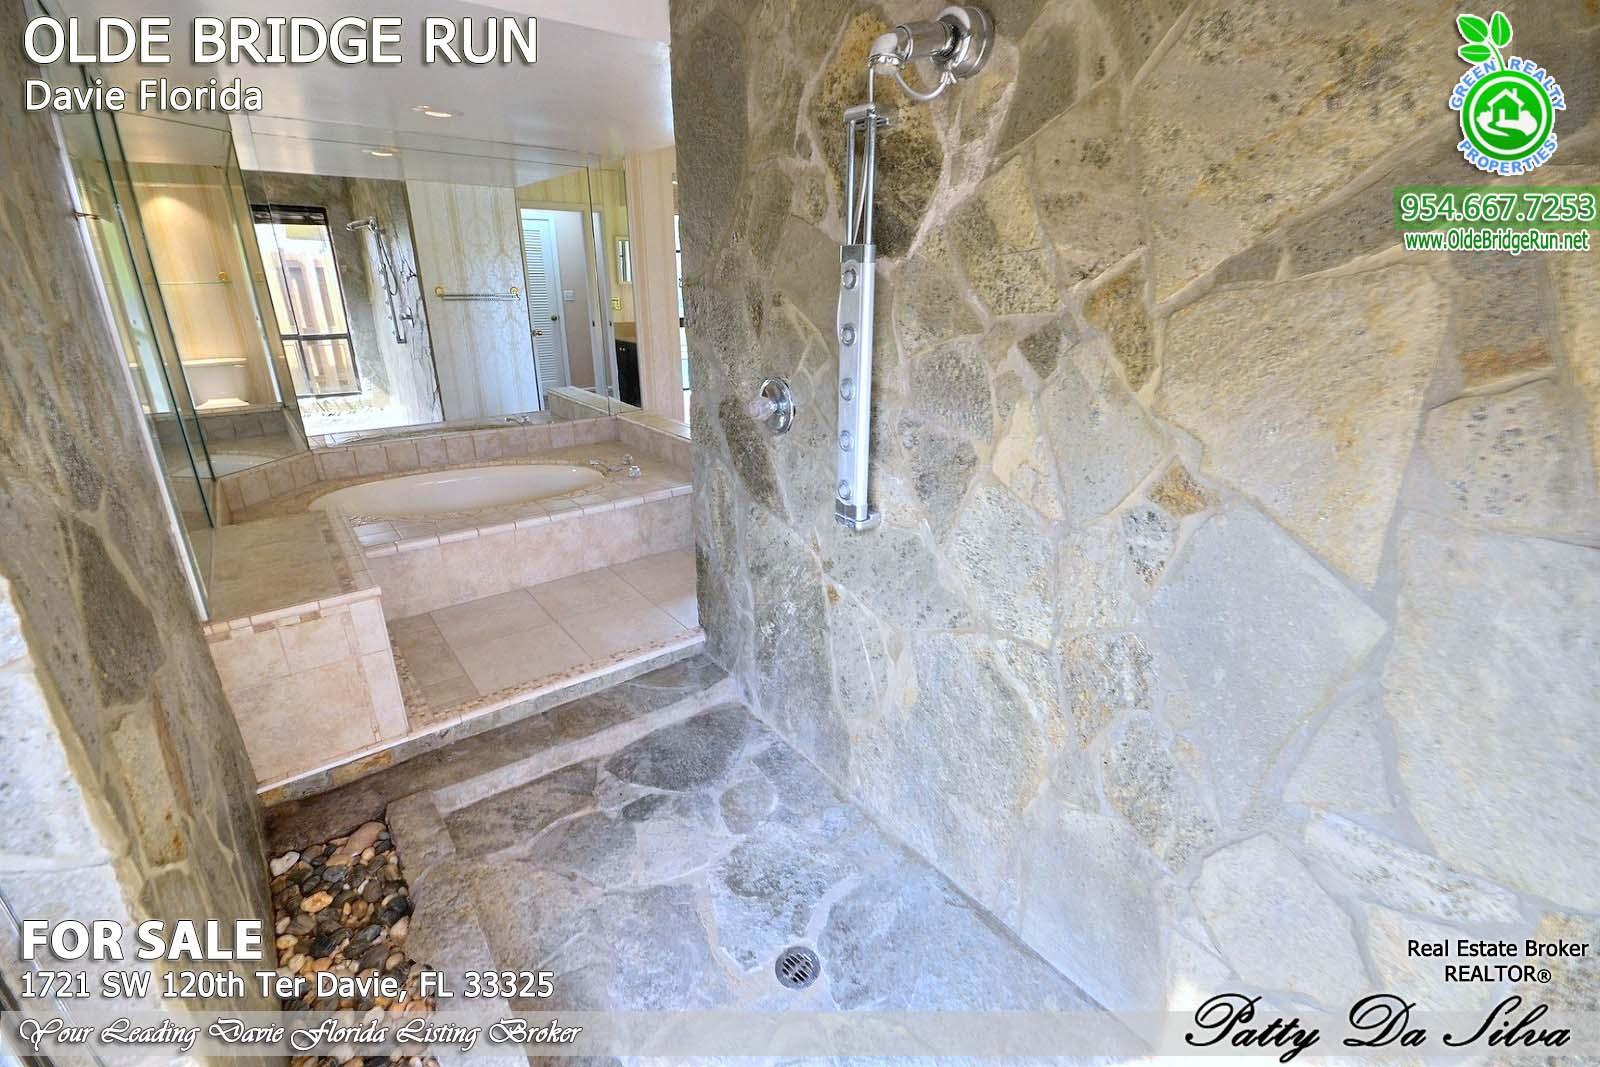 Olde Bridge Run Homes in Davie FL (29)